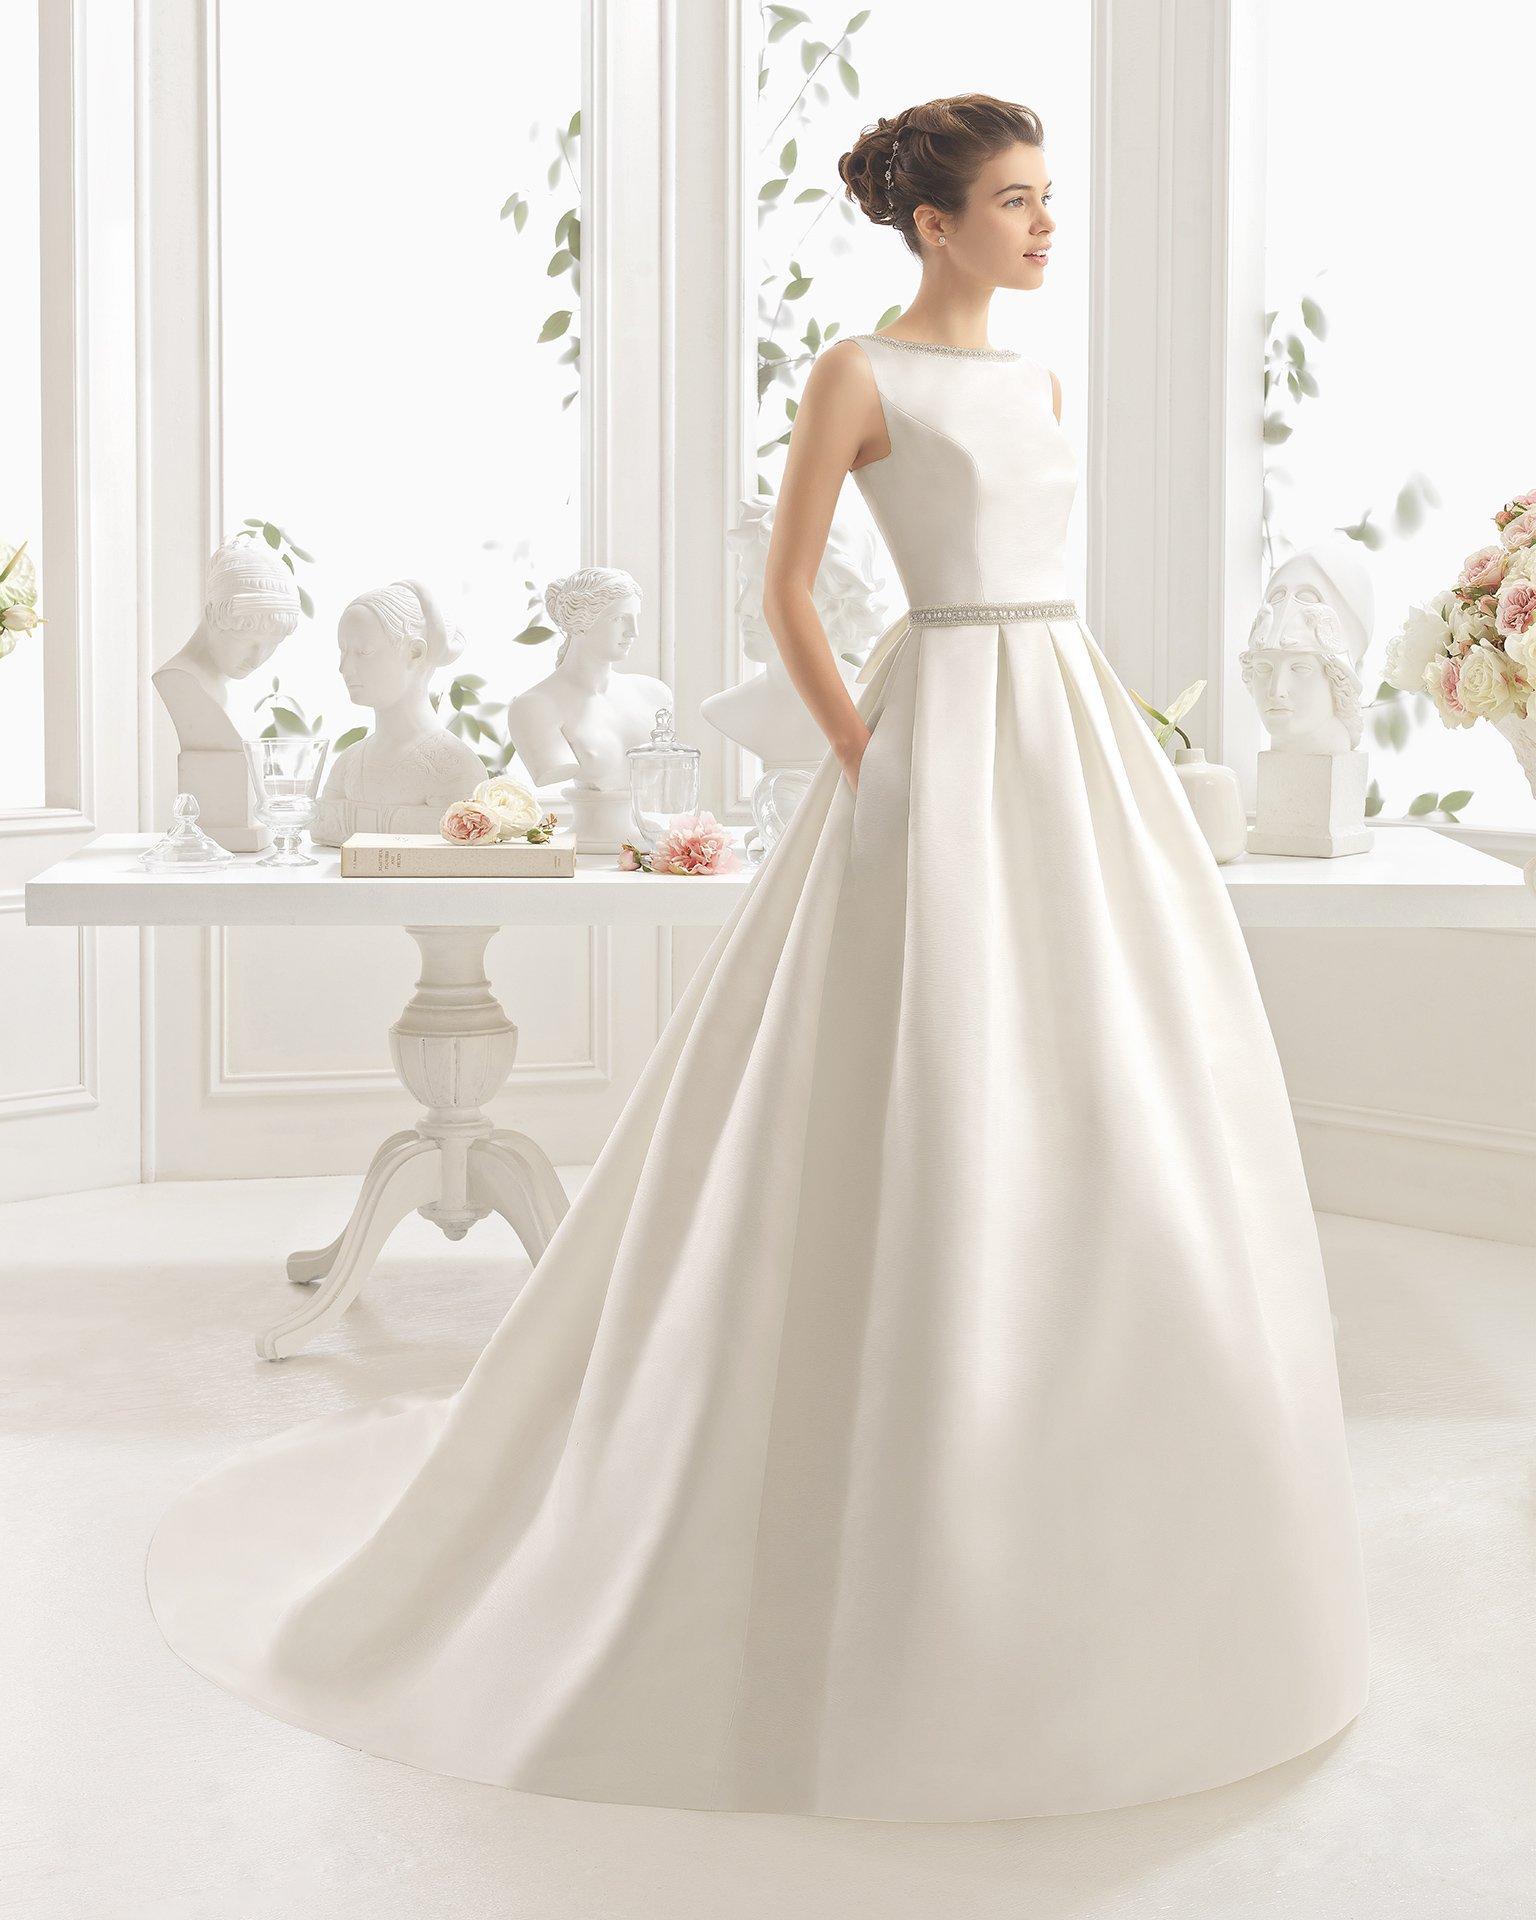 L abito da sposa - Benvenuti su ralucaweddingblogger! 41ec9915b17